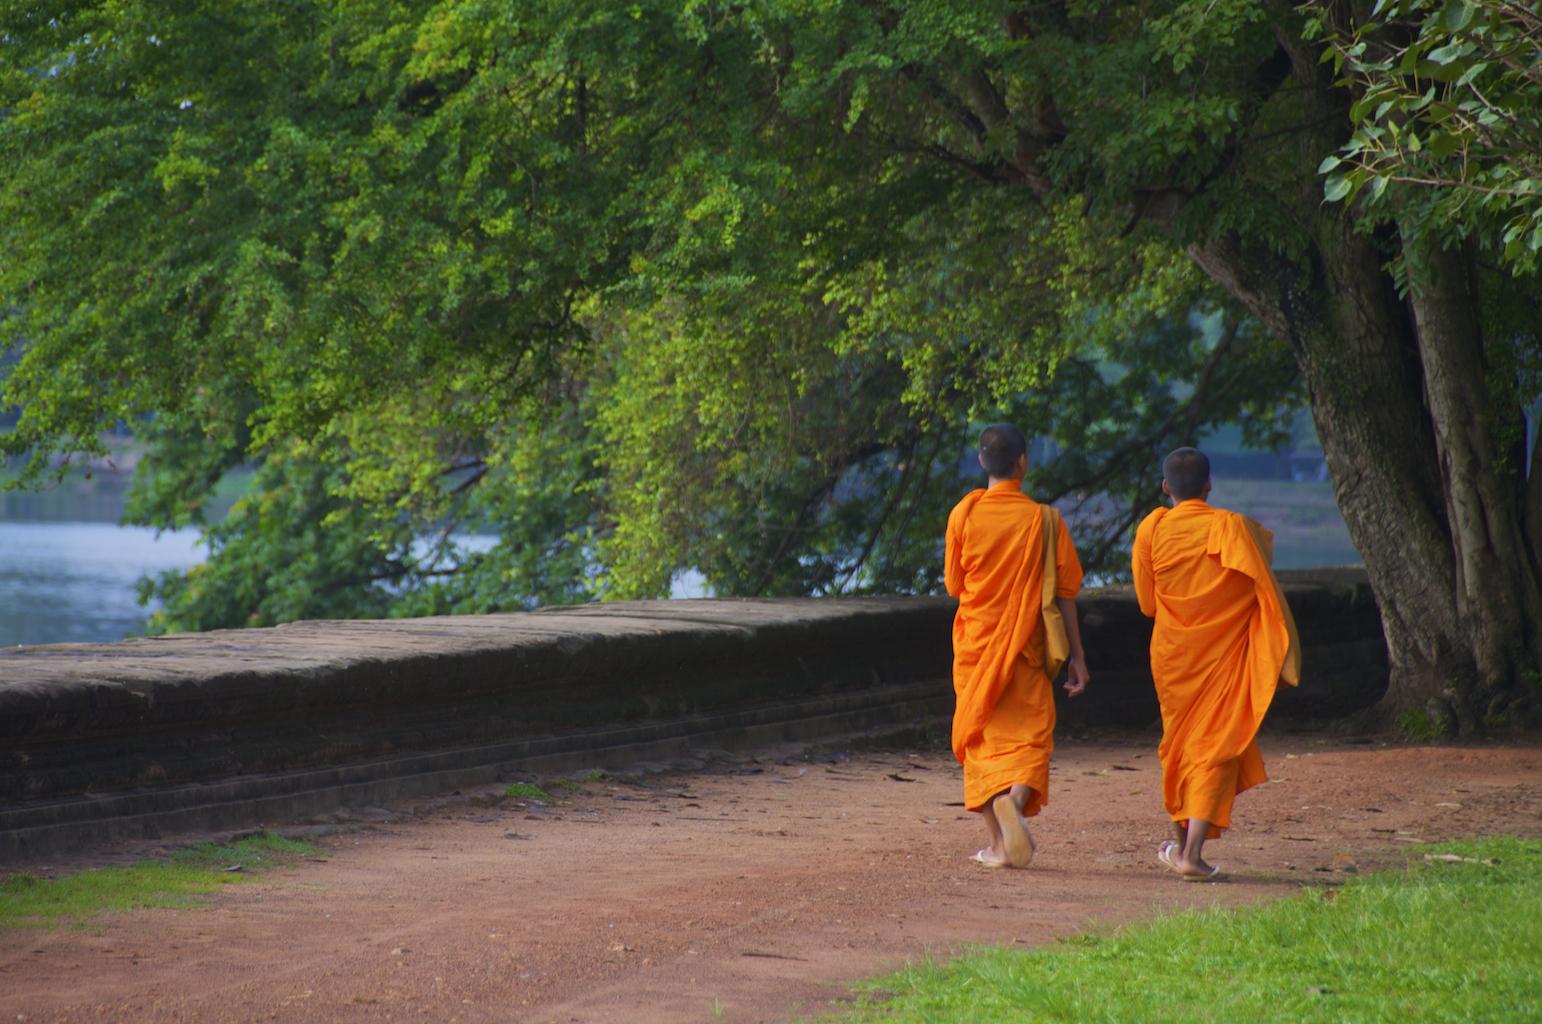 Buddhalaiset munkit värjäävät kaapunsa kurkumalla.